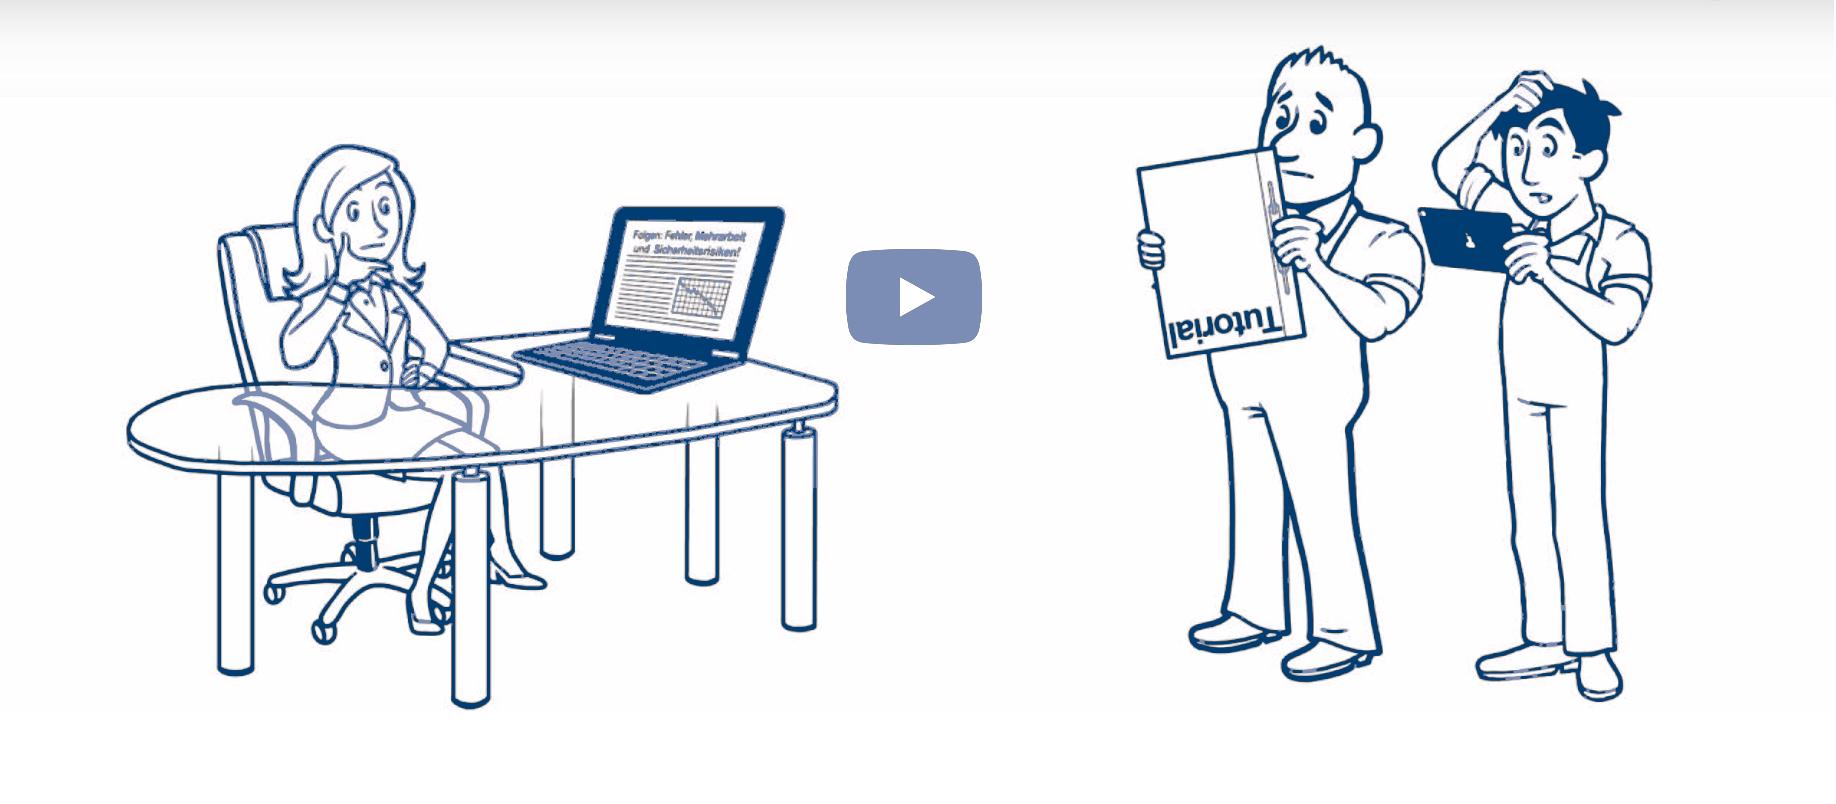 Screenshoot vom Erklärvideo. Eine Frau sitzt am Schreibtisch. Ihr gegenüber sind zwei Arbeiter, die Arbeitsanweisungen nicht richtig lesen können